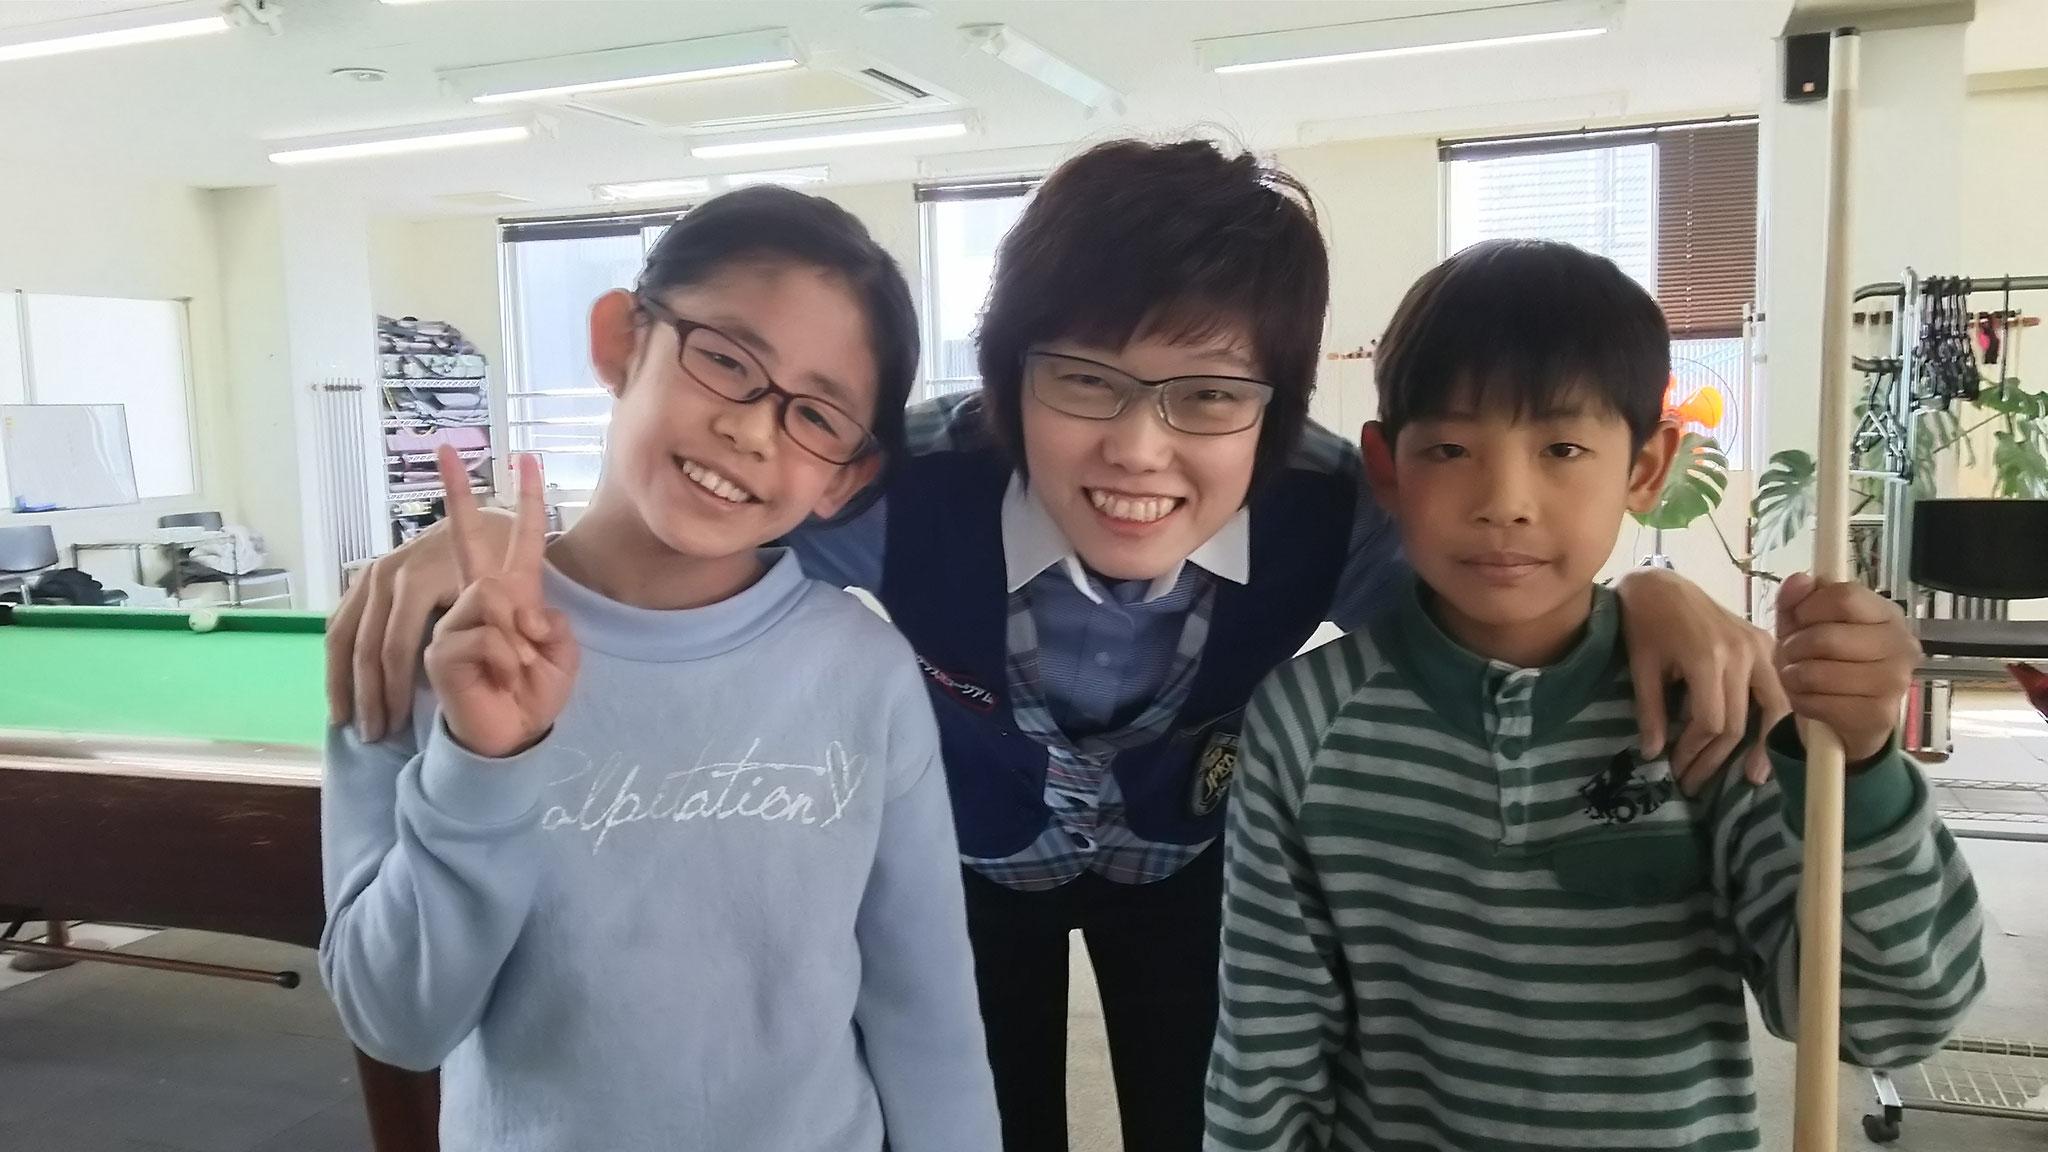 小学生の姉弟、熱心にレッスンを受けていました